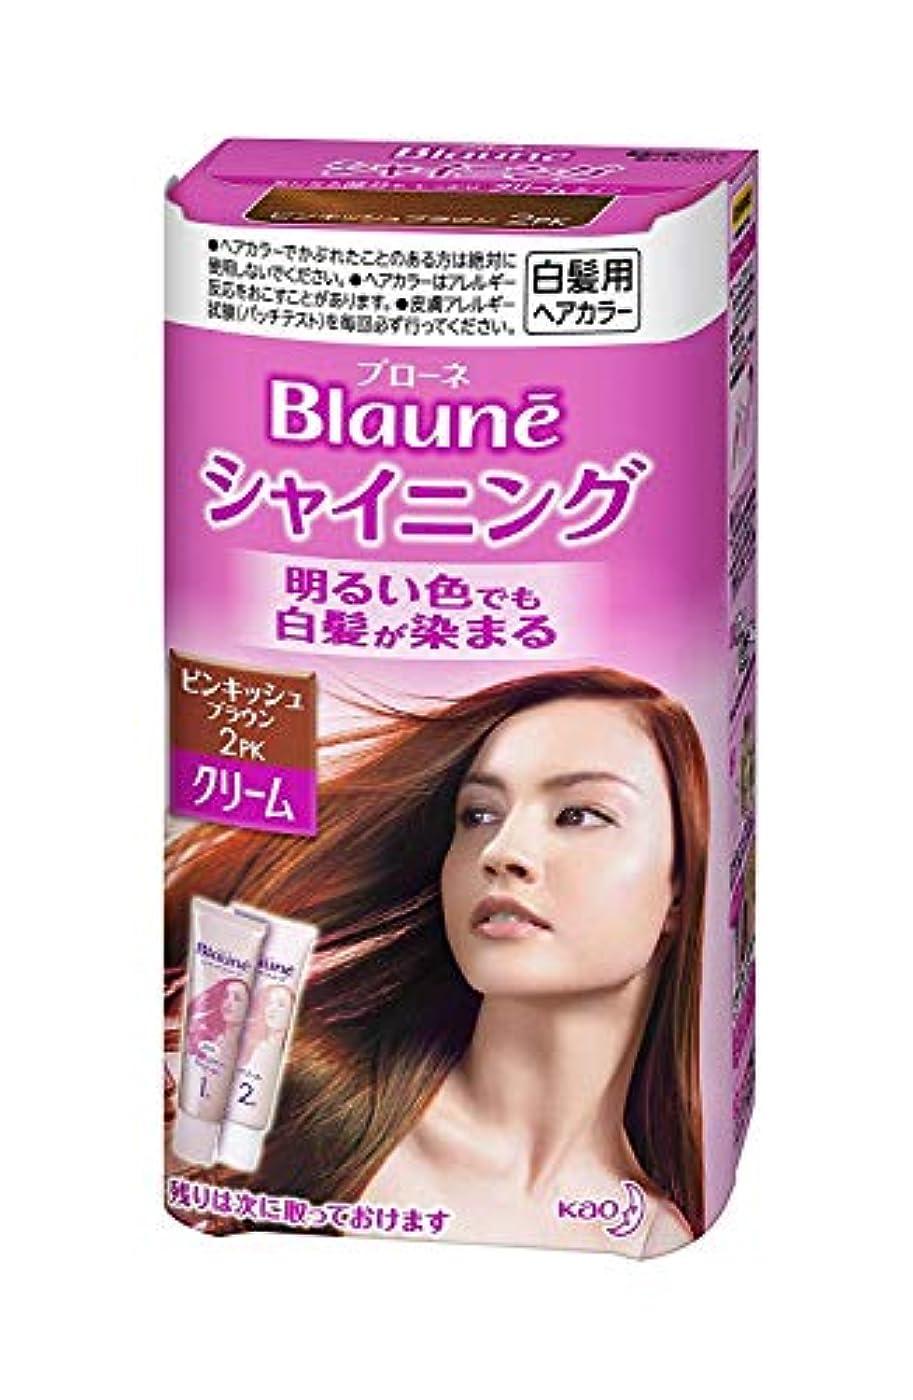 オーブン扱いやすいチロ【花王】ブローネ シャイニングヘアカラークリーム2PK ピンキッシュブラウン ×5個セット